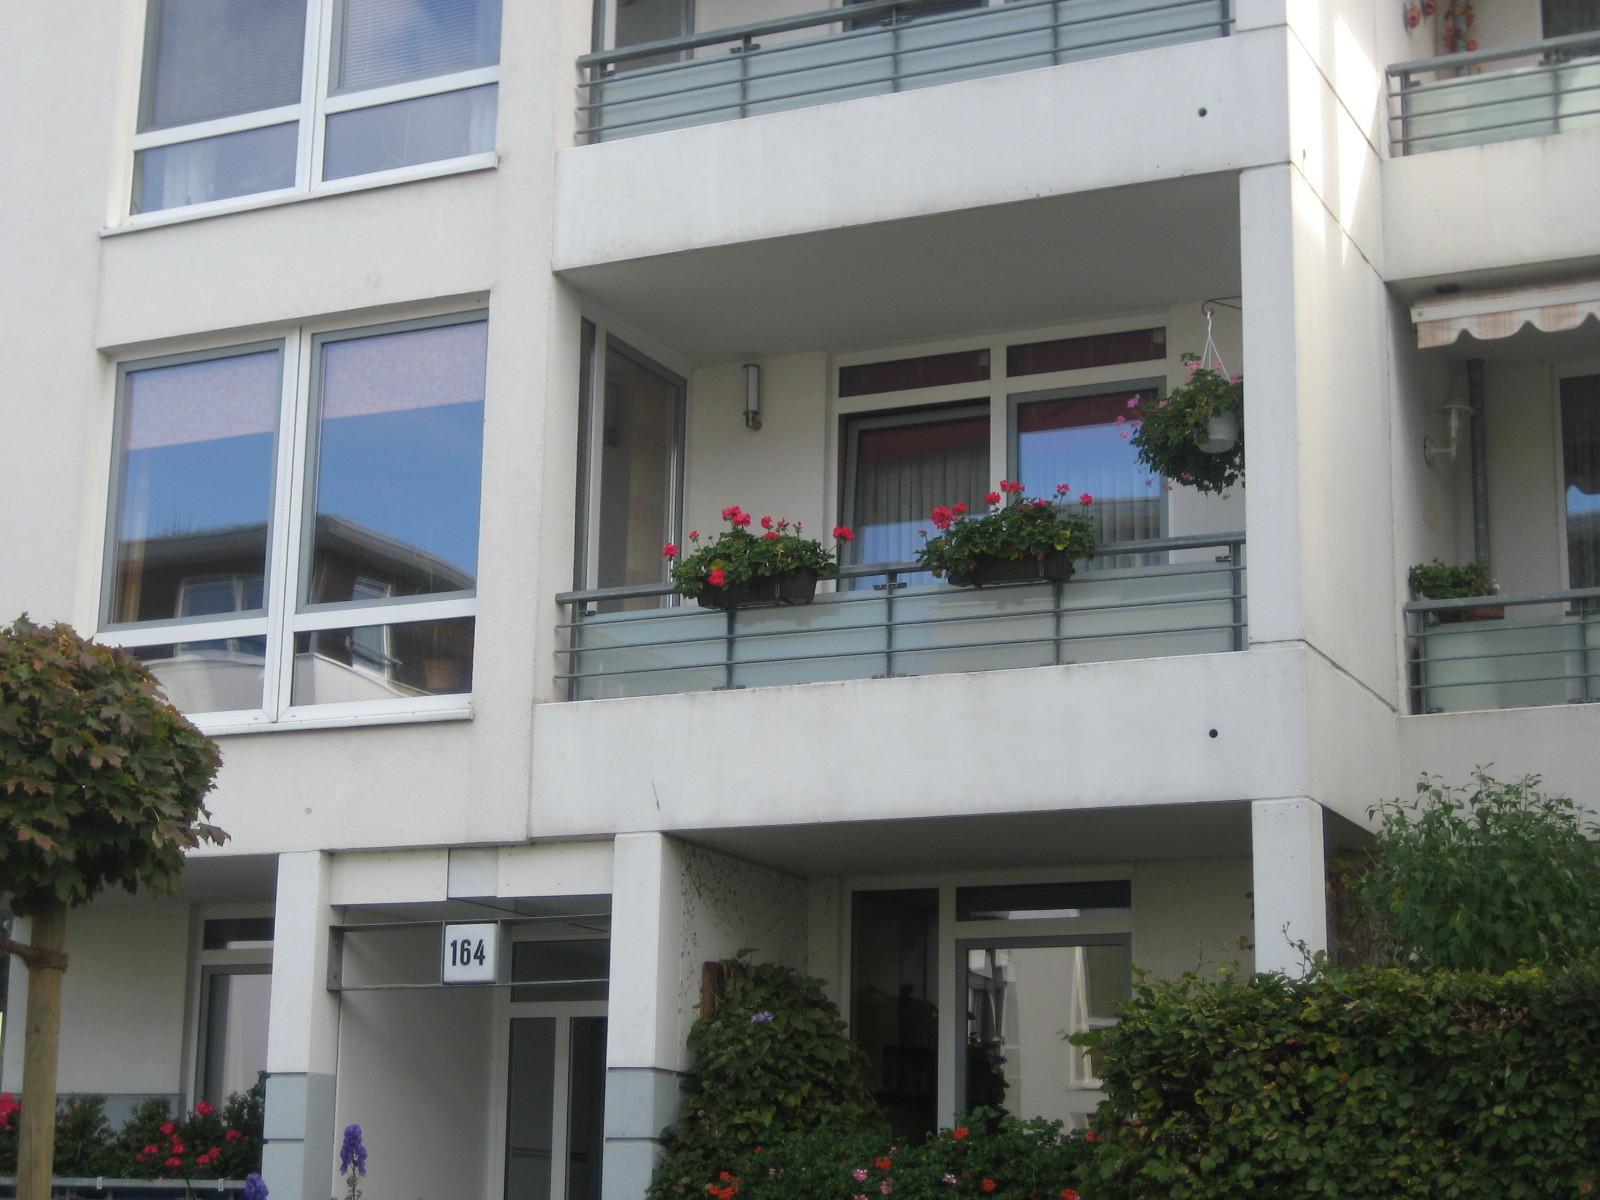 Wohnung in Rahlstedt vermietet